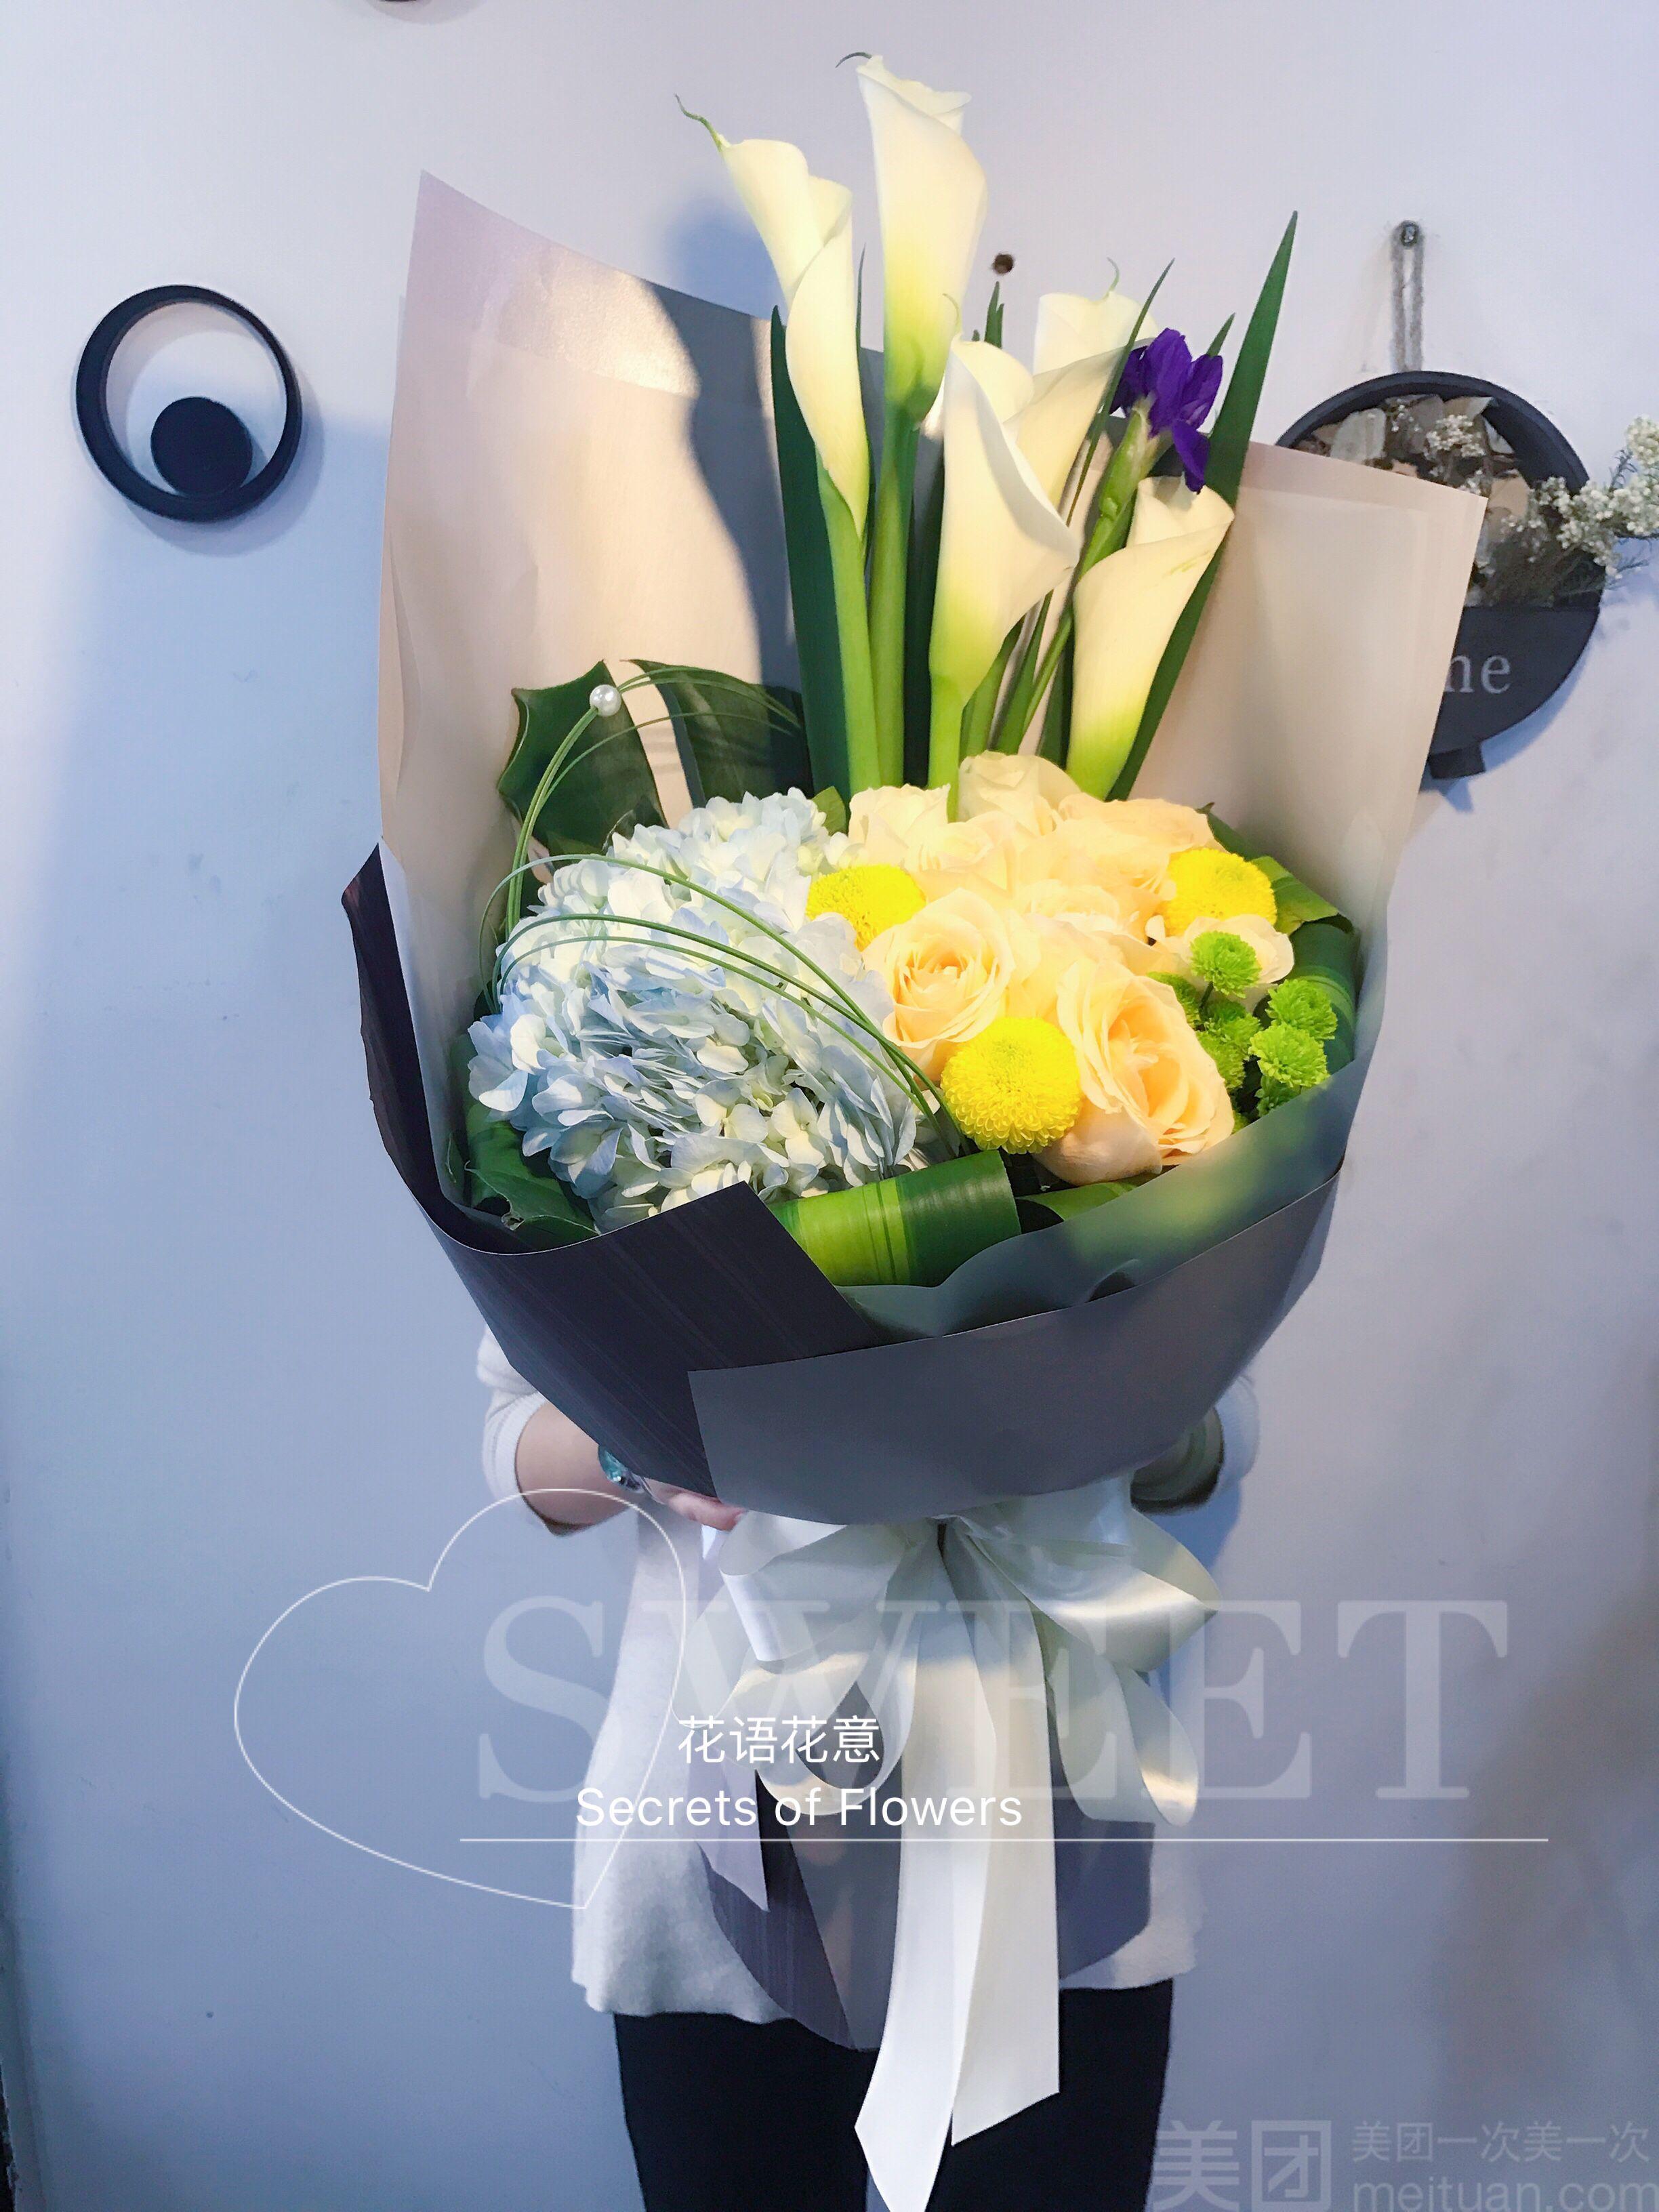 花语花意怎么样_团购花语花意-马蹄莲韩式大气鲜花